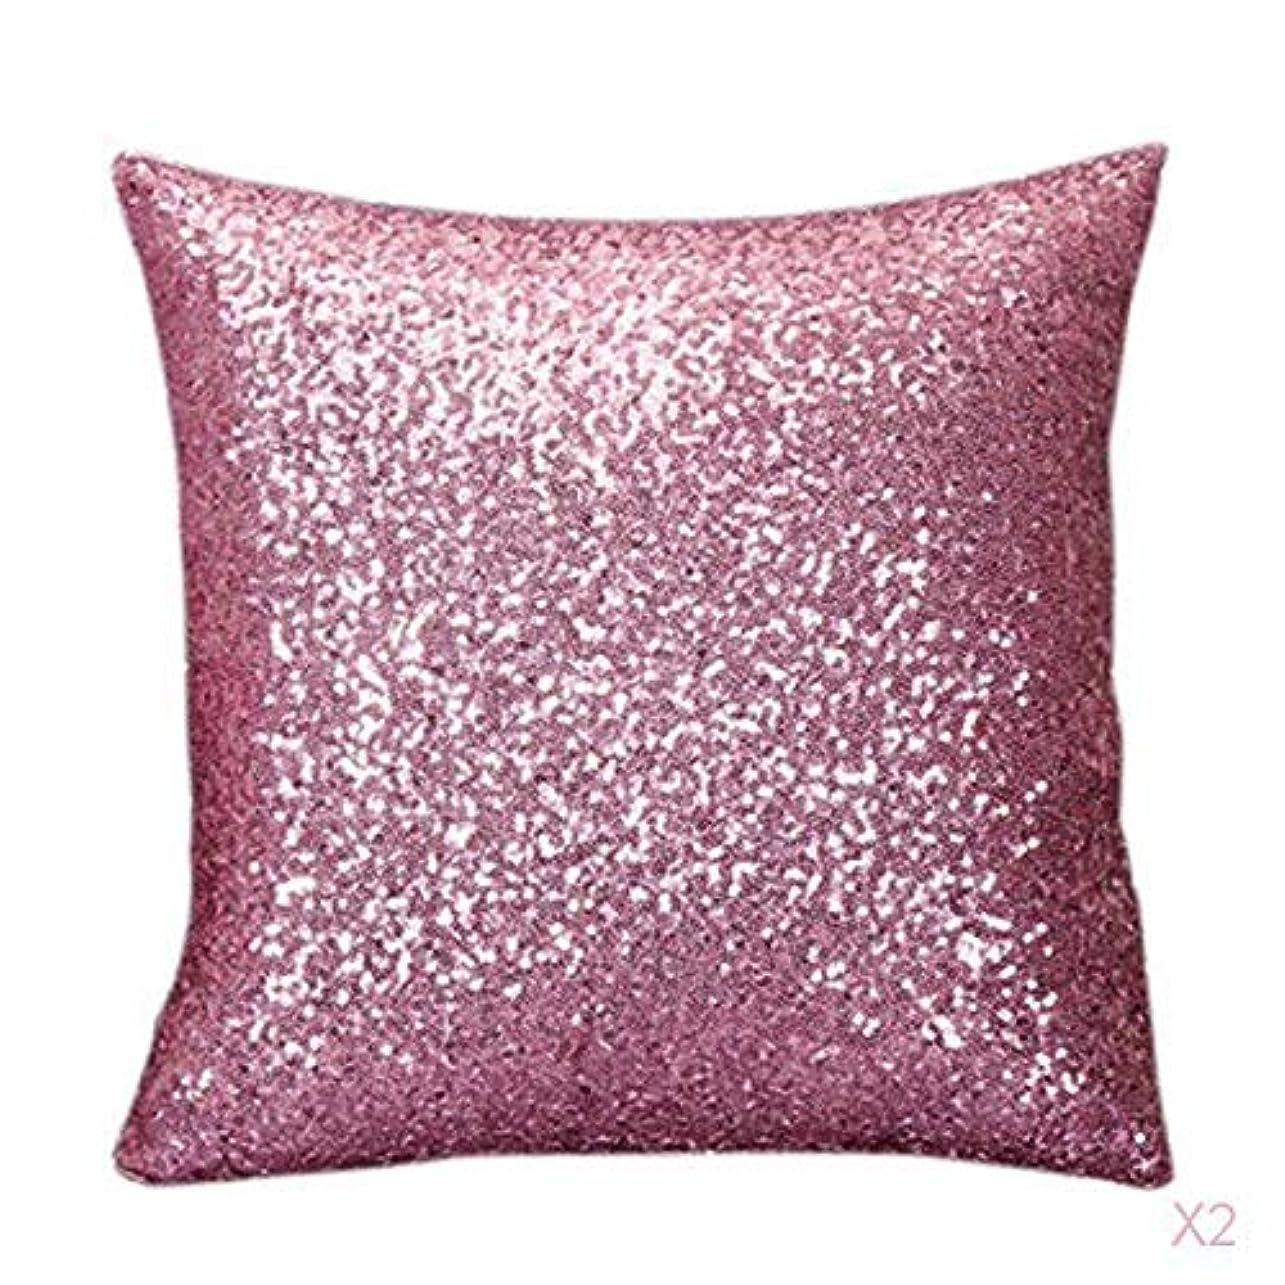 鎮痛剤インストール圧倒的ファンシースパンコールソファスクエア枕クッションカバーケースは、ホームインテリアピンクを投げます